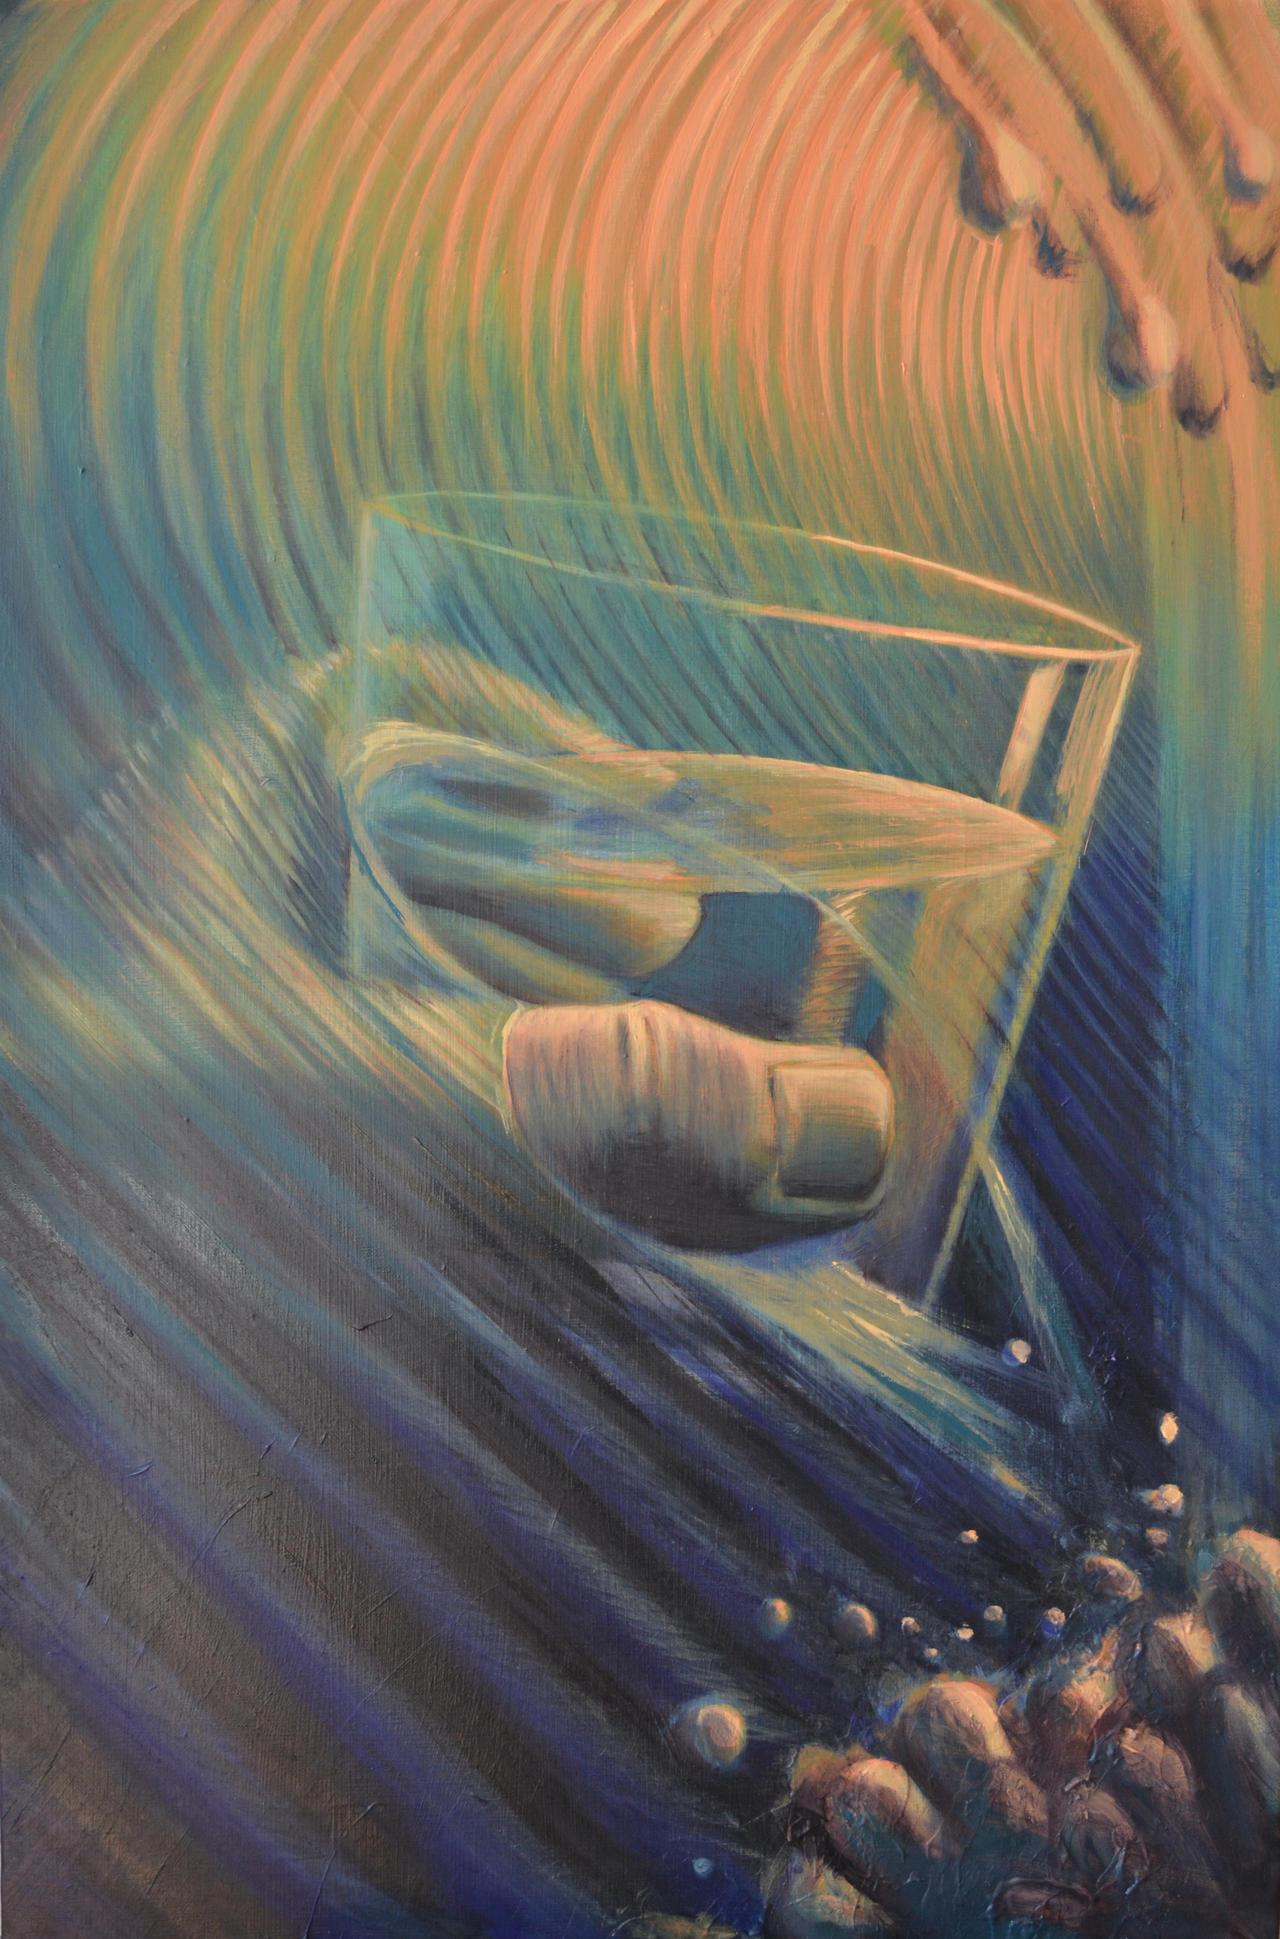 L'eau Est Bonne by Tibb-the-Artist